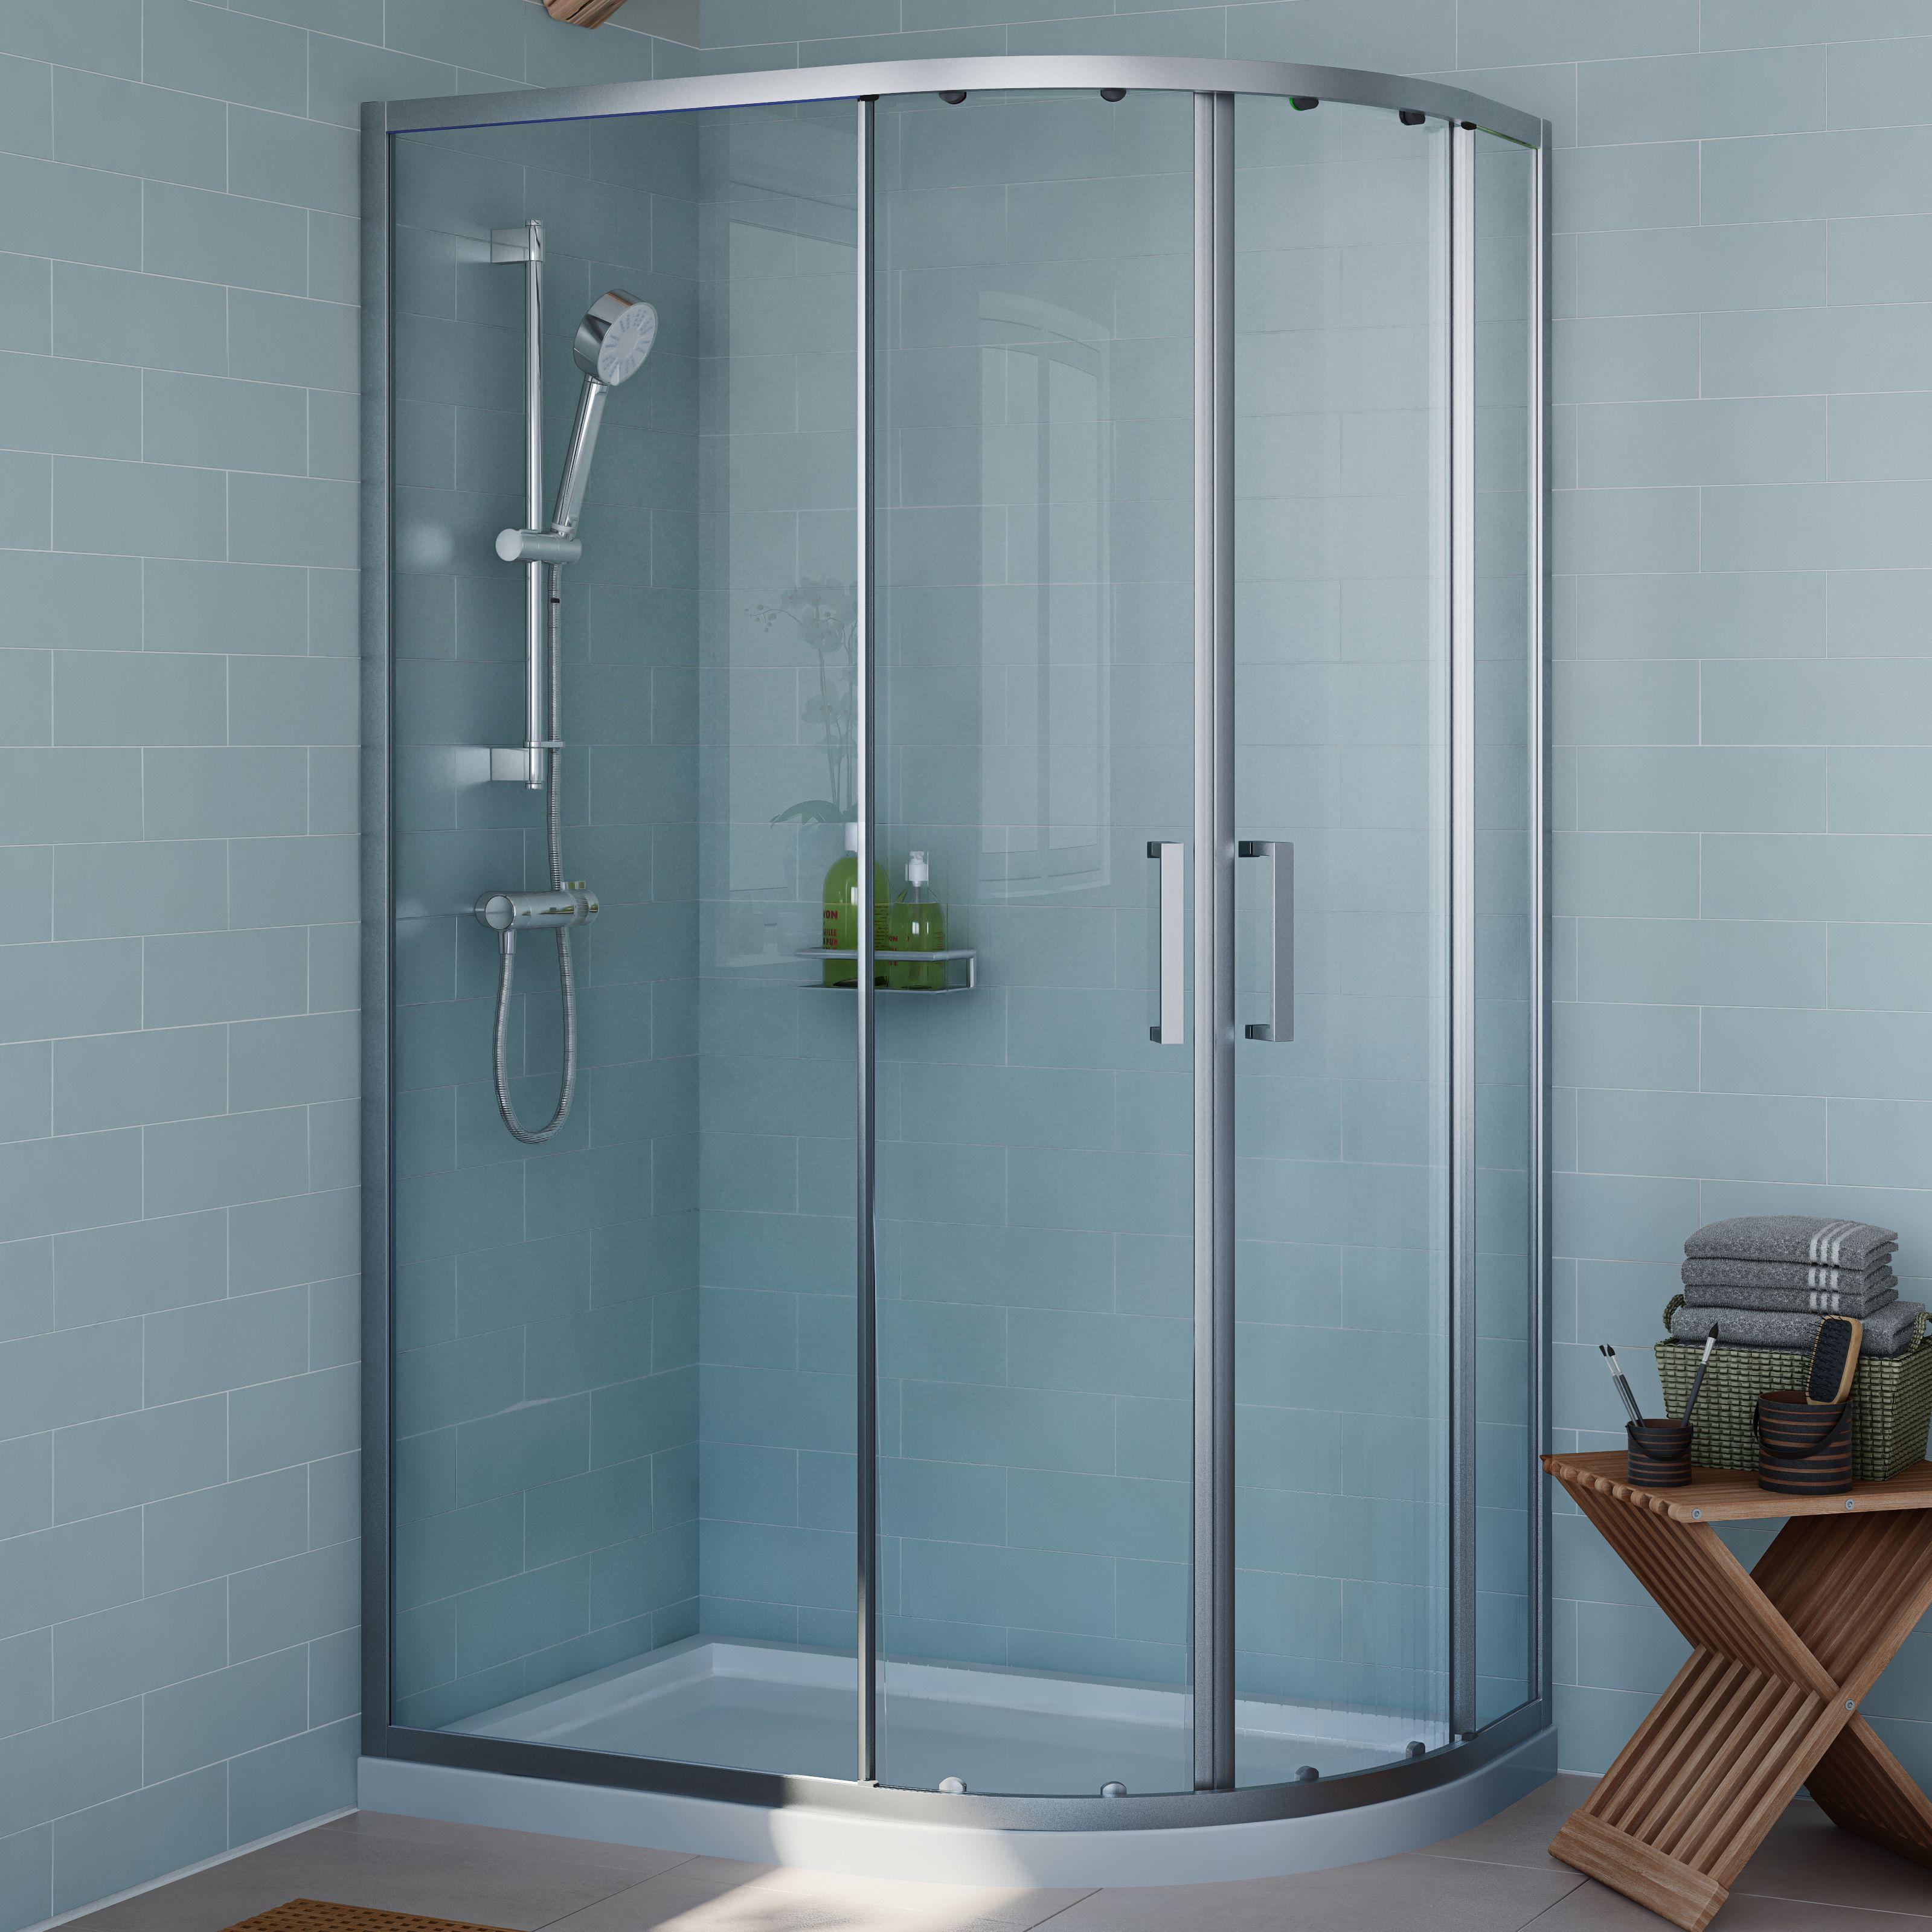 Cooke & Lewis Exuberance Offset Quadrant Shower Enclosure with ...